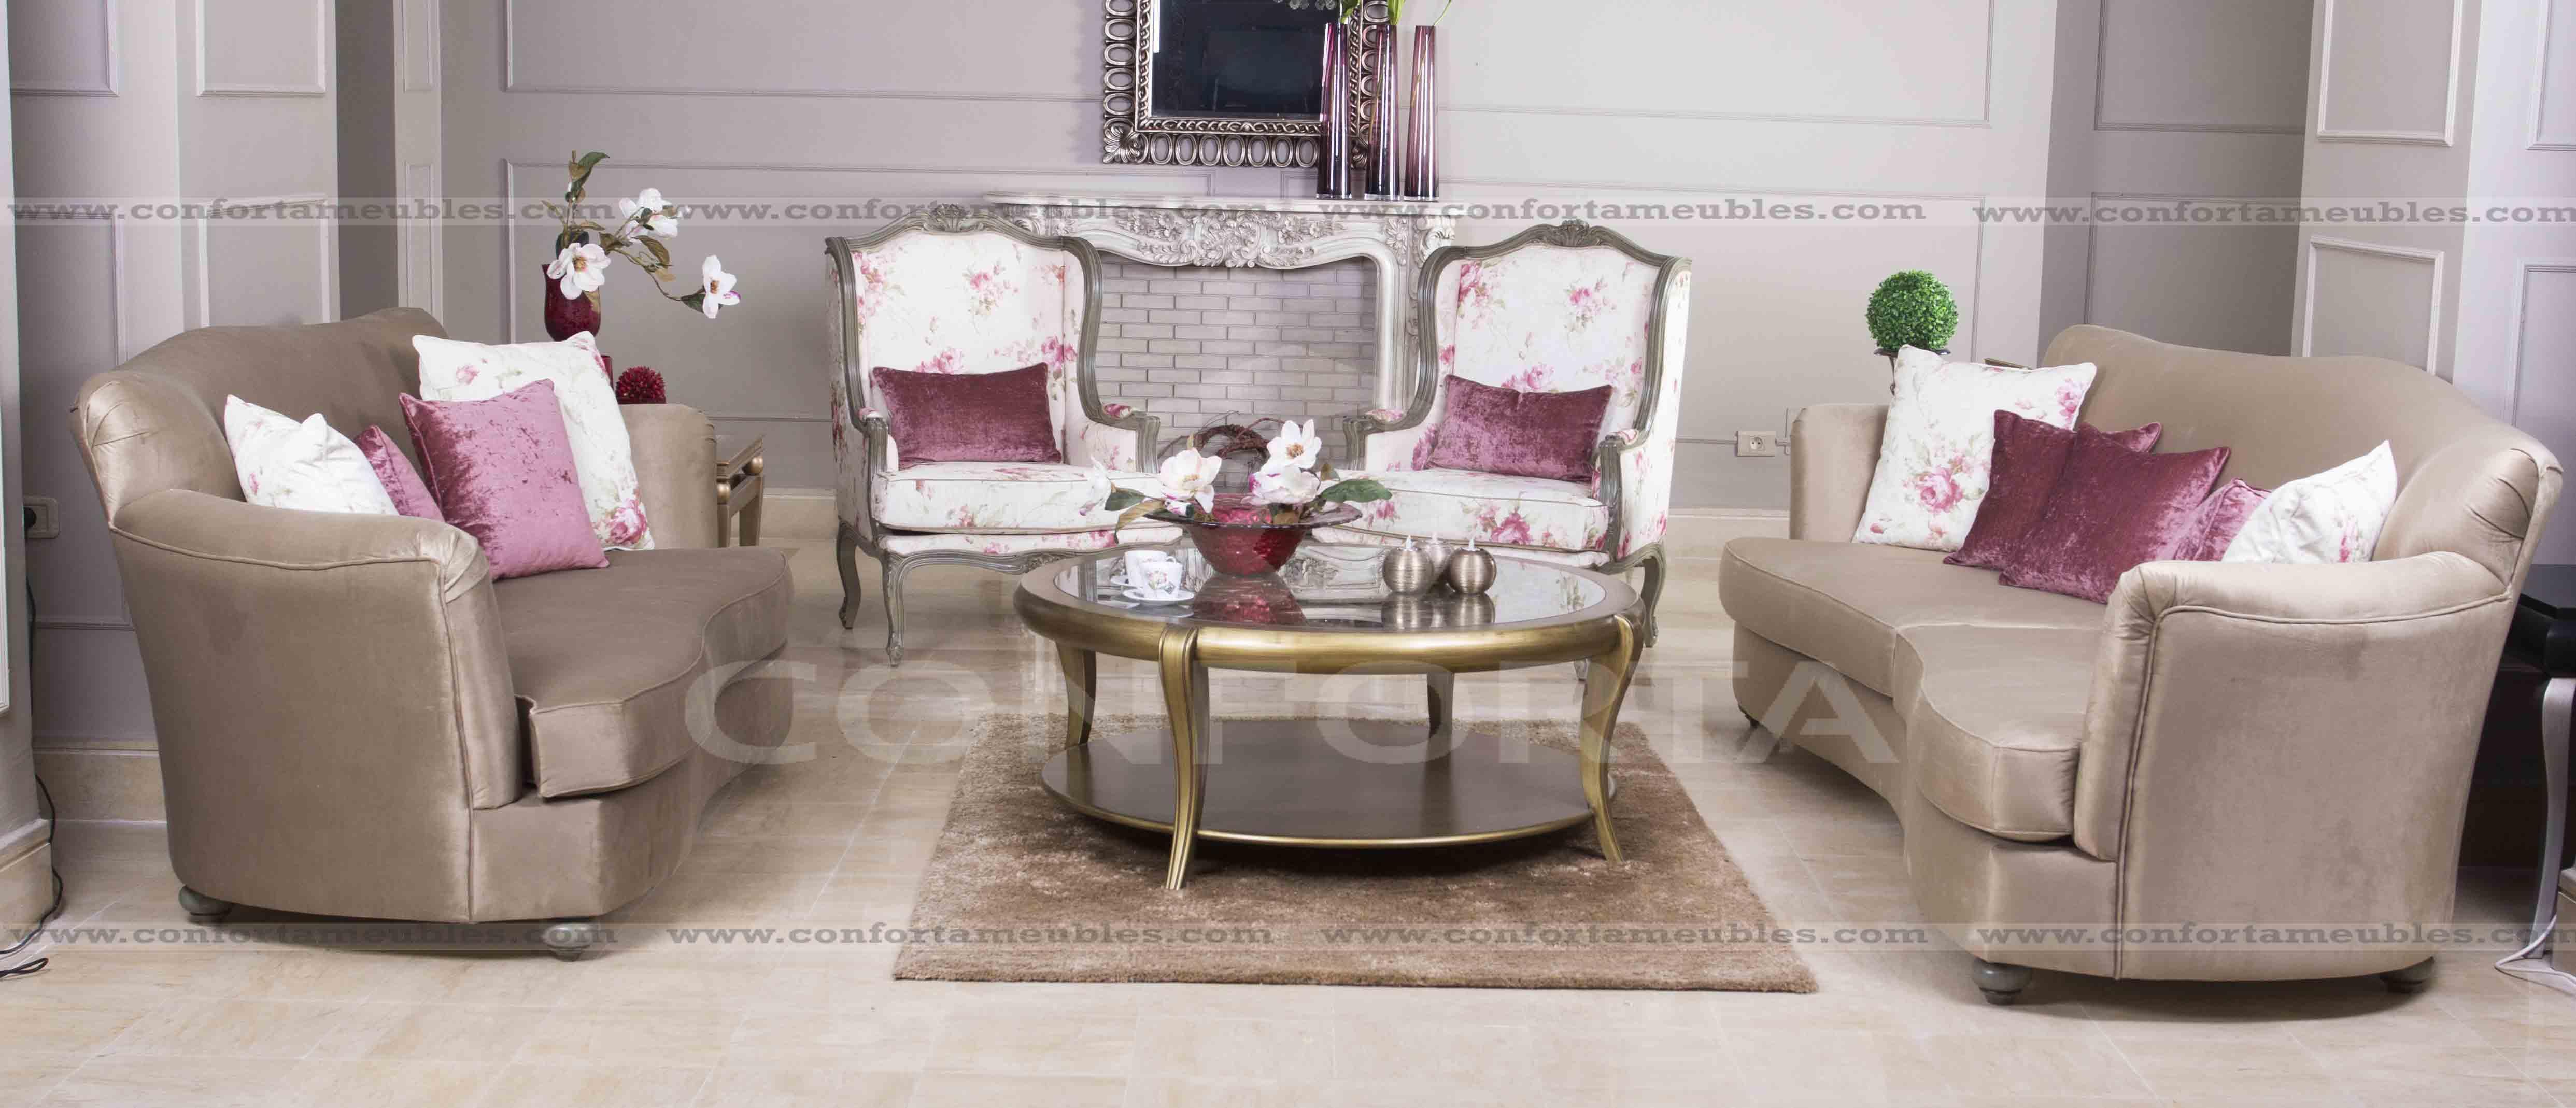 Fauteuils tunisie meubles et d coration tunisie for Meuble fauteuil